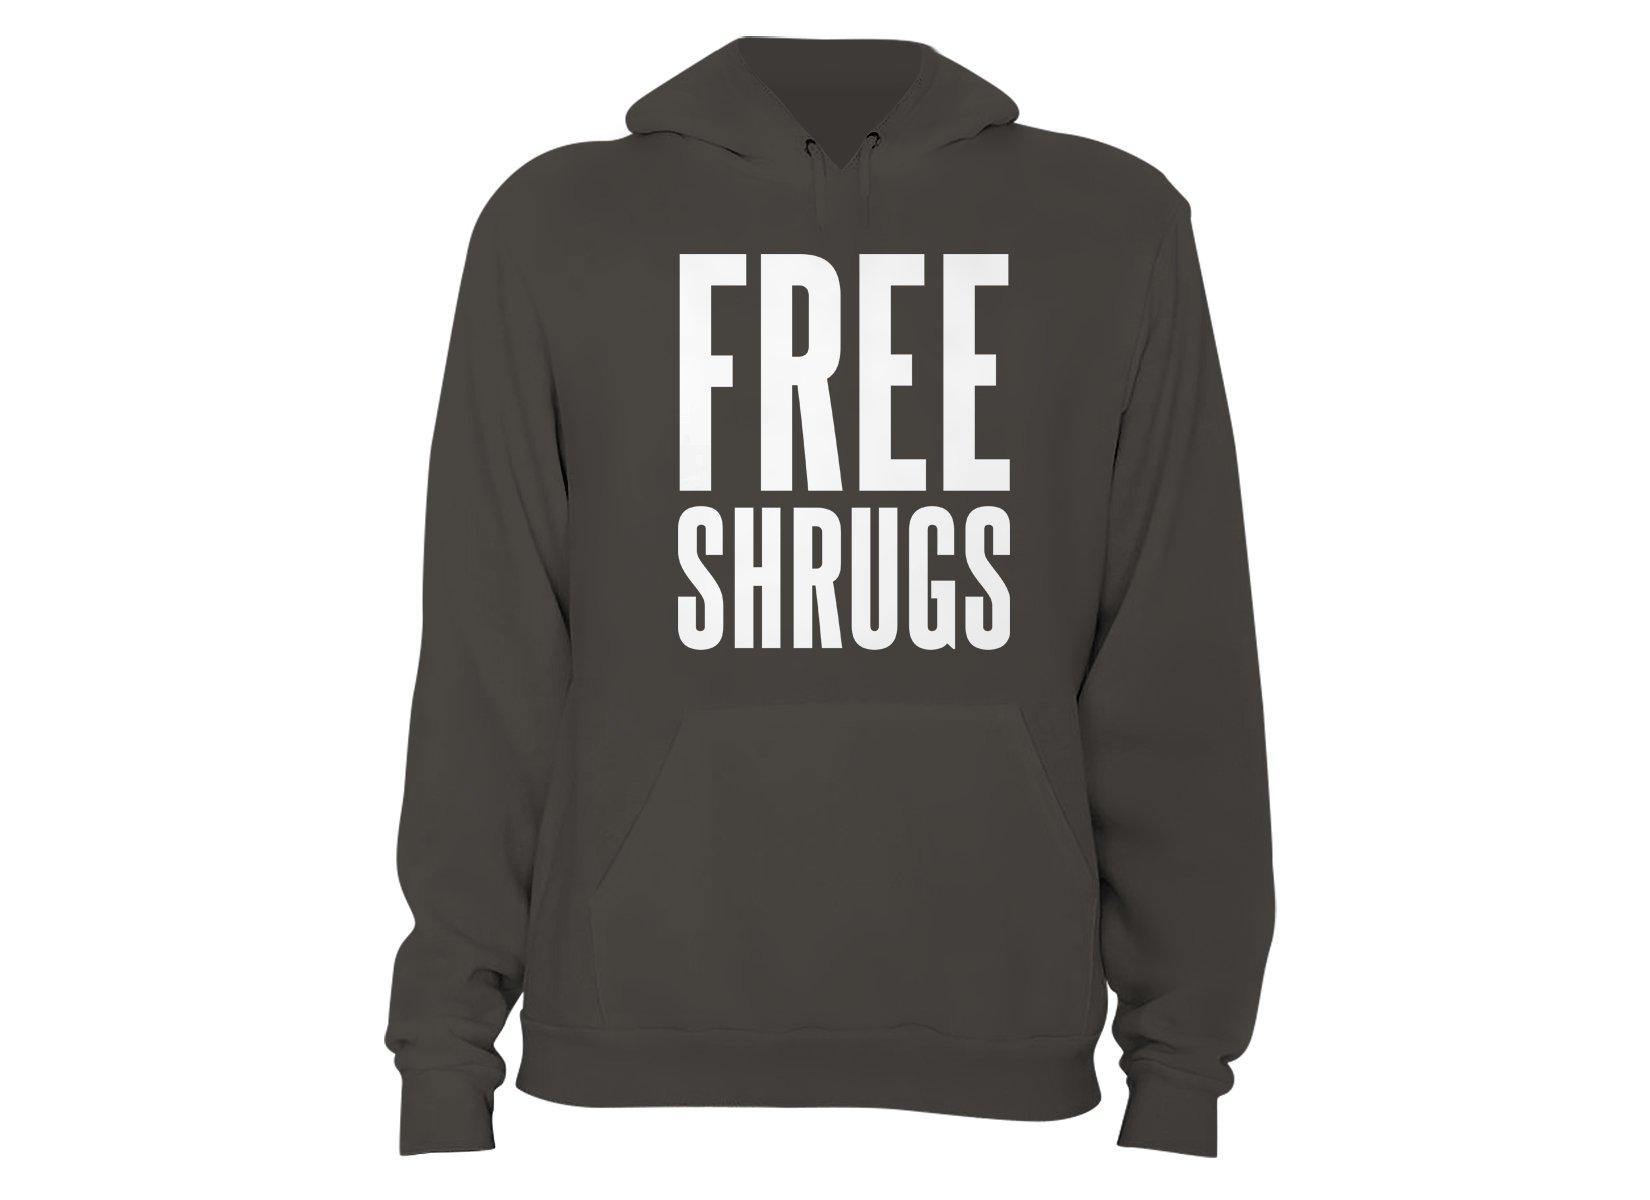 Free Shrugs on Hoodie